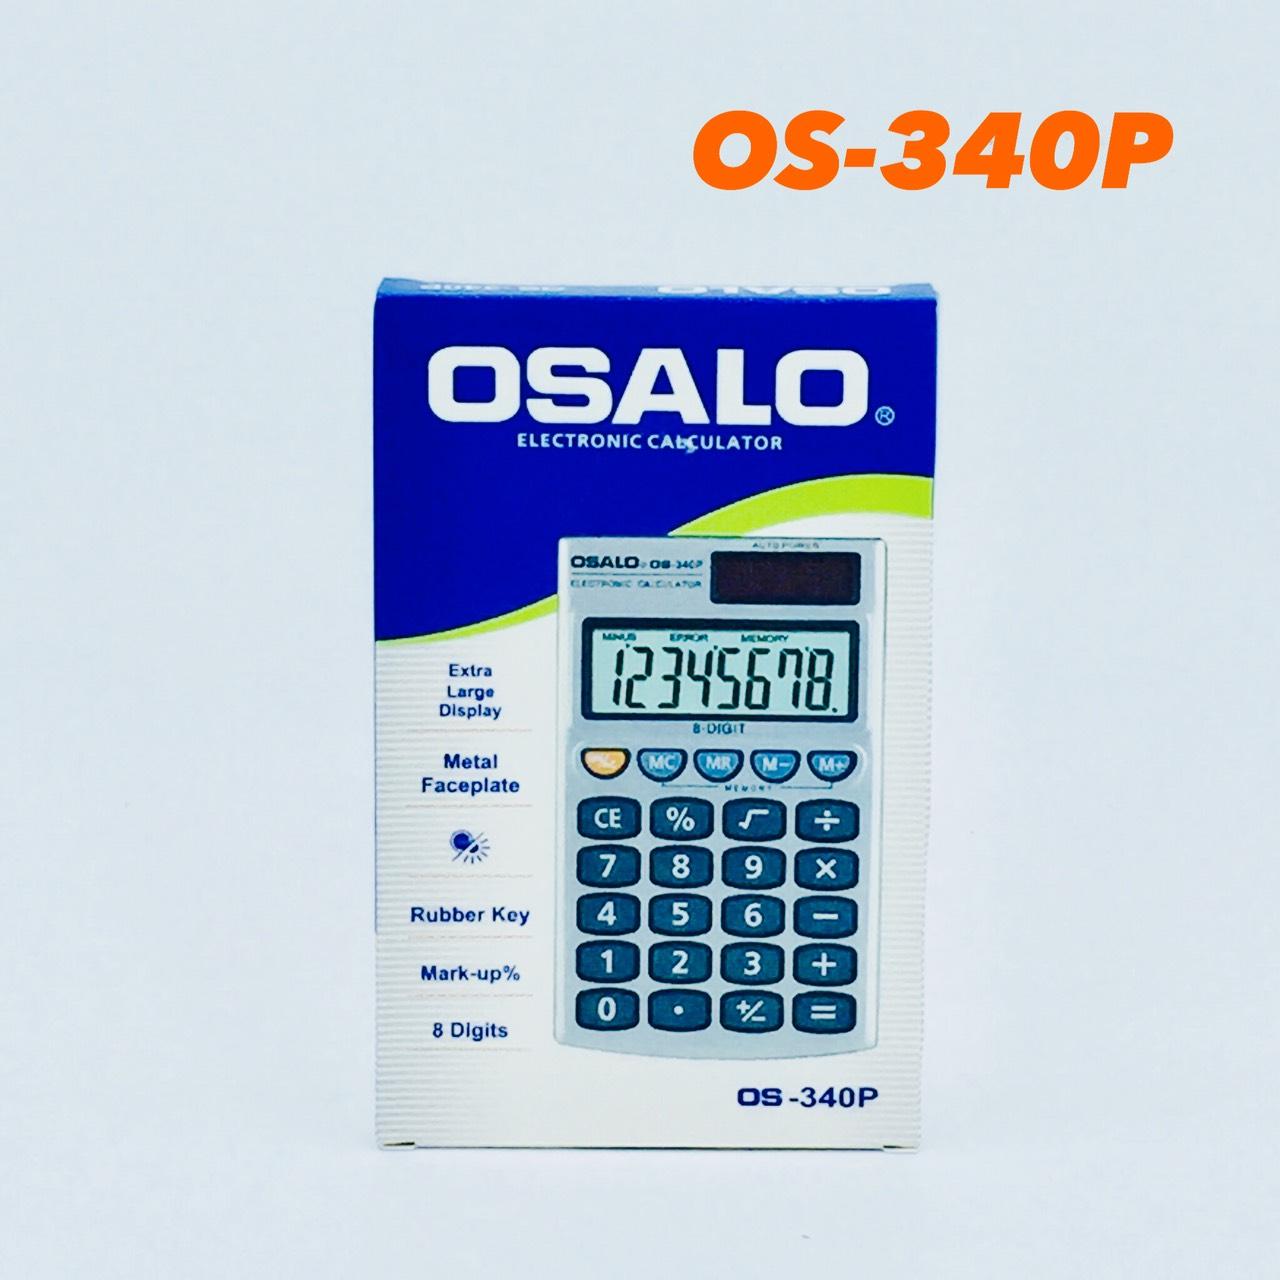 เครื่องคิดเลขจีน osalo รุ่น OS-340P